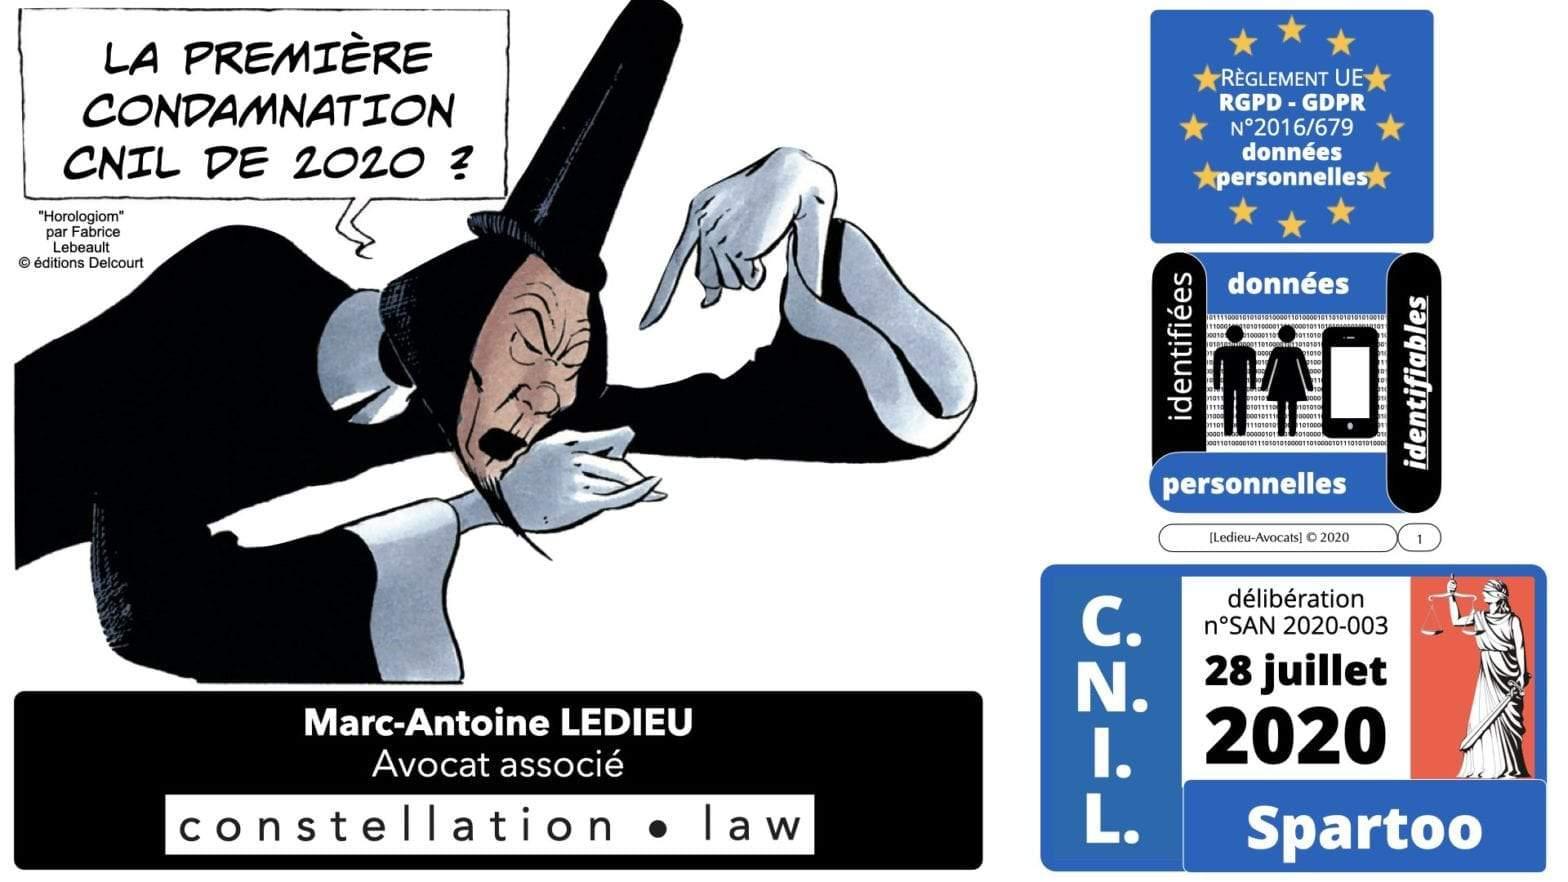 délibération CNIL Spartoo du 28 juillet 2020 : analyse et commentaires